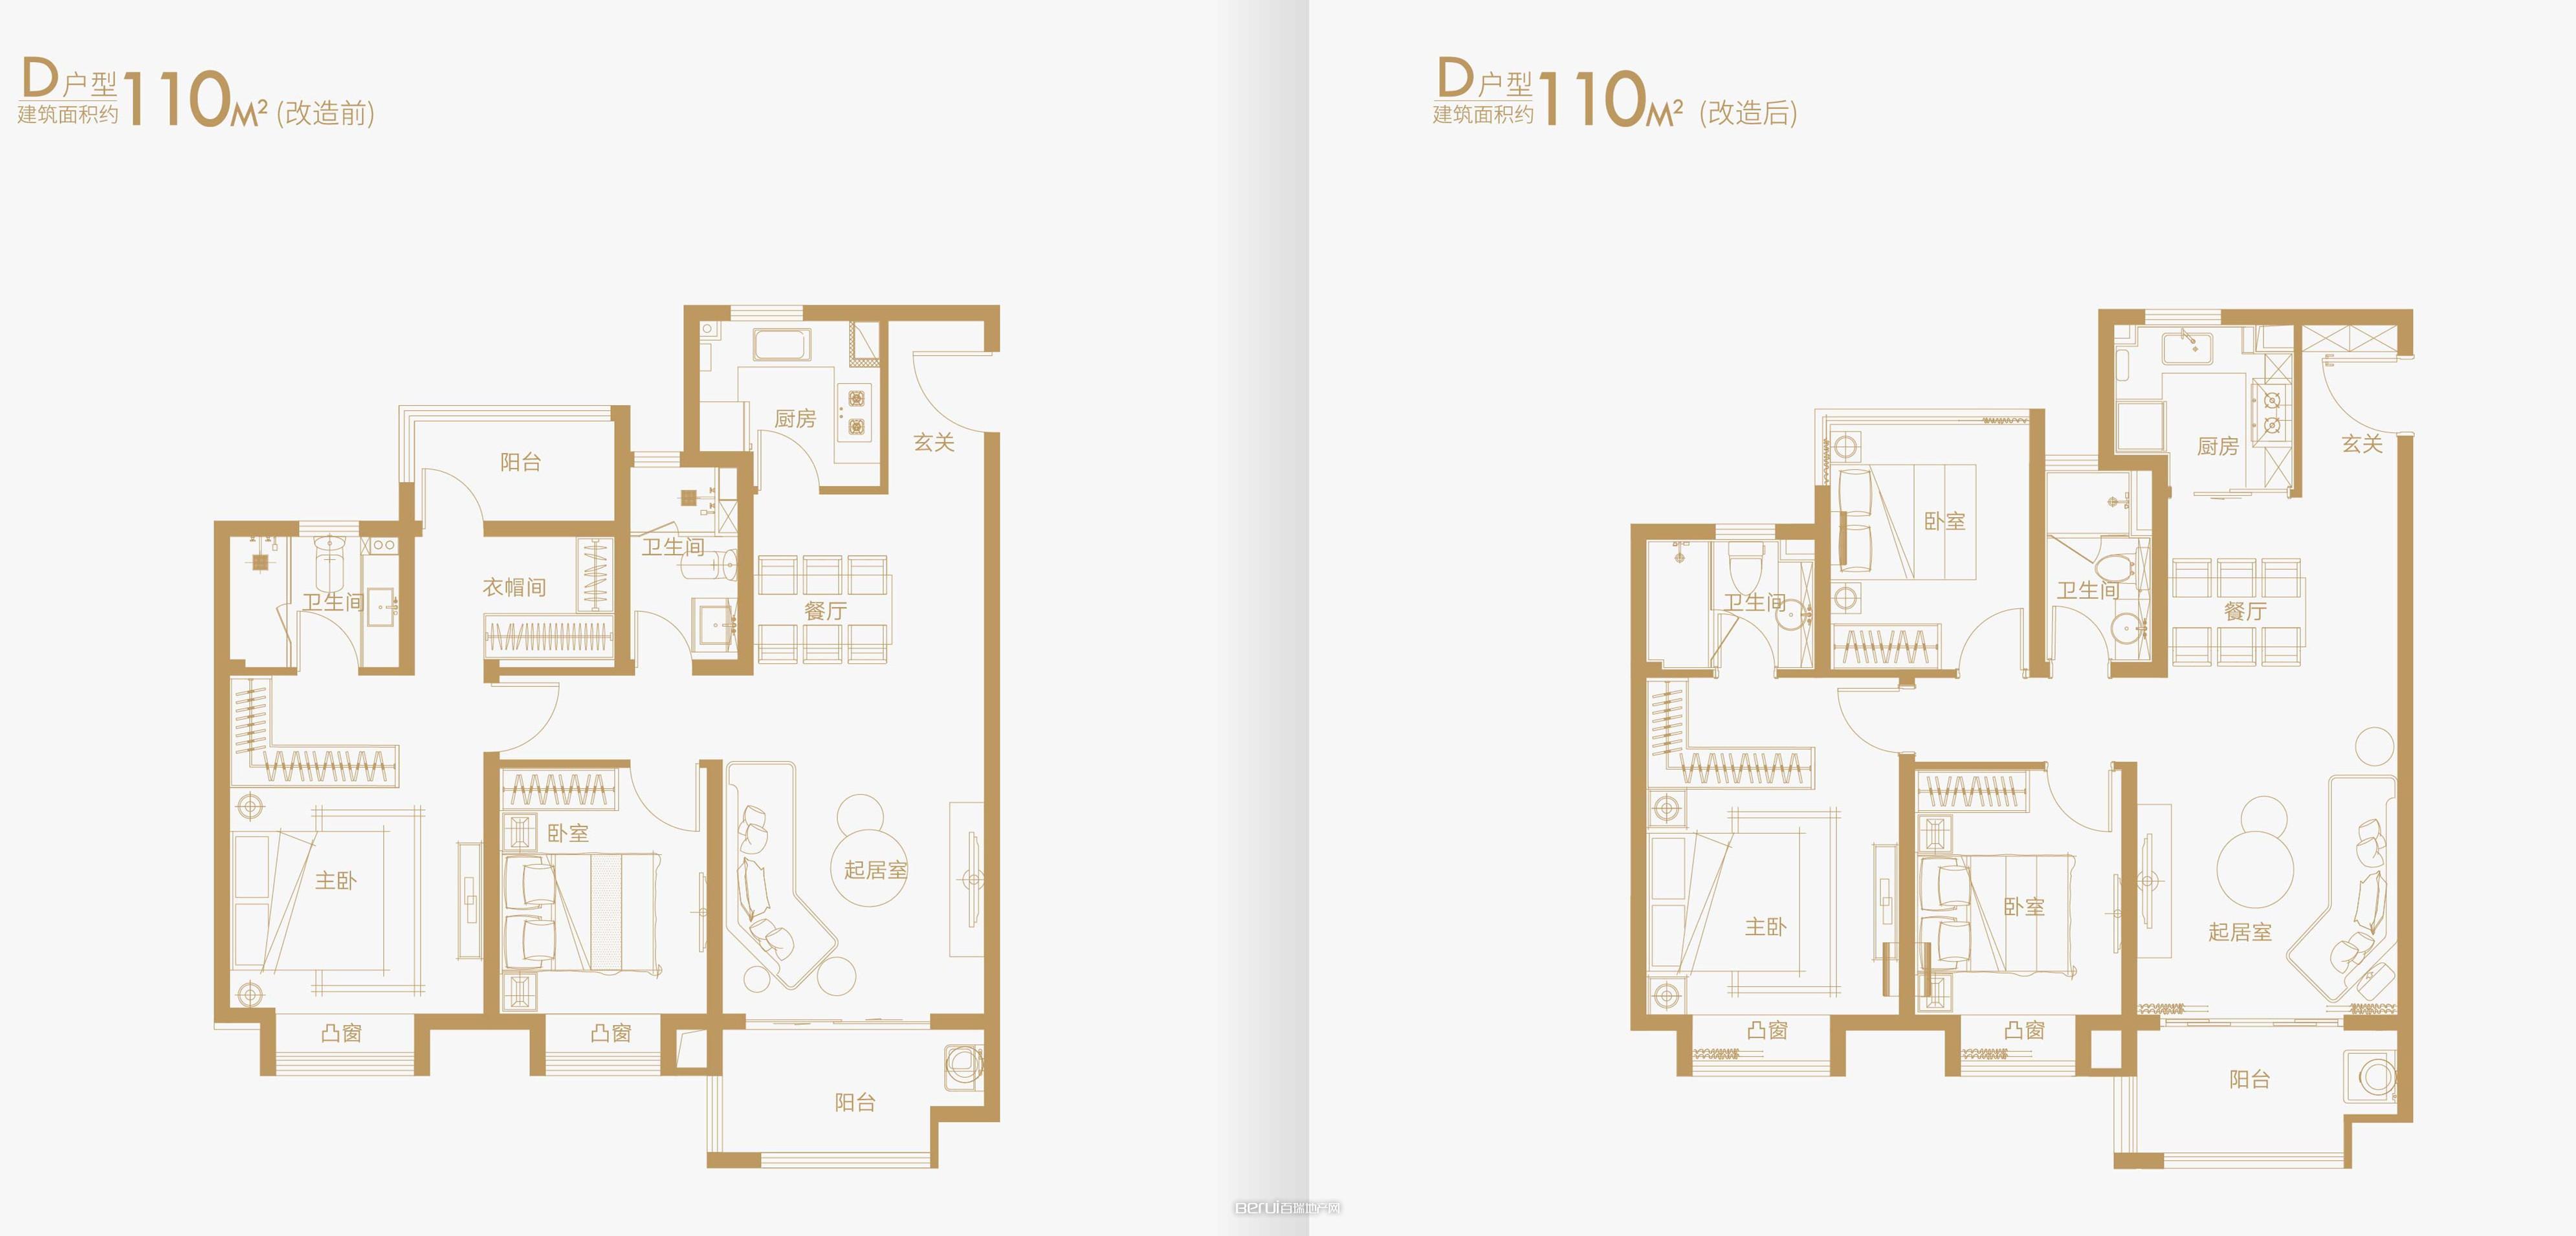 3室2厅2卫110㎡